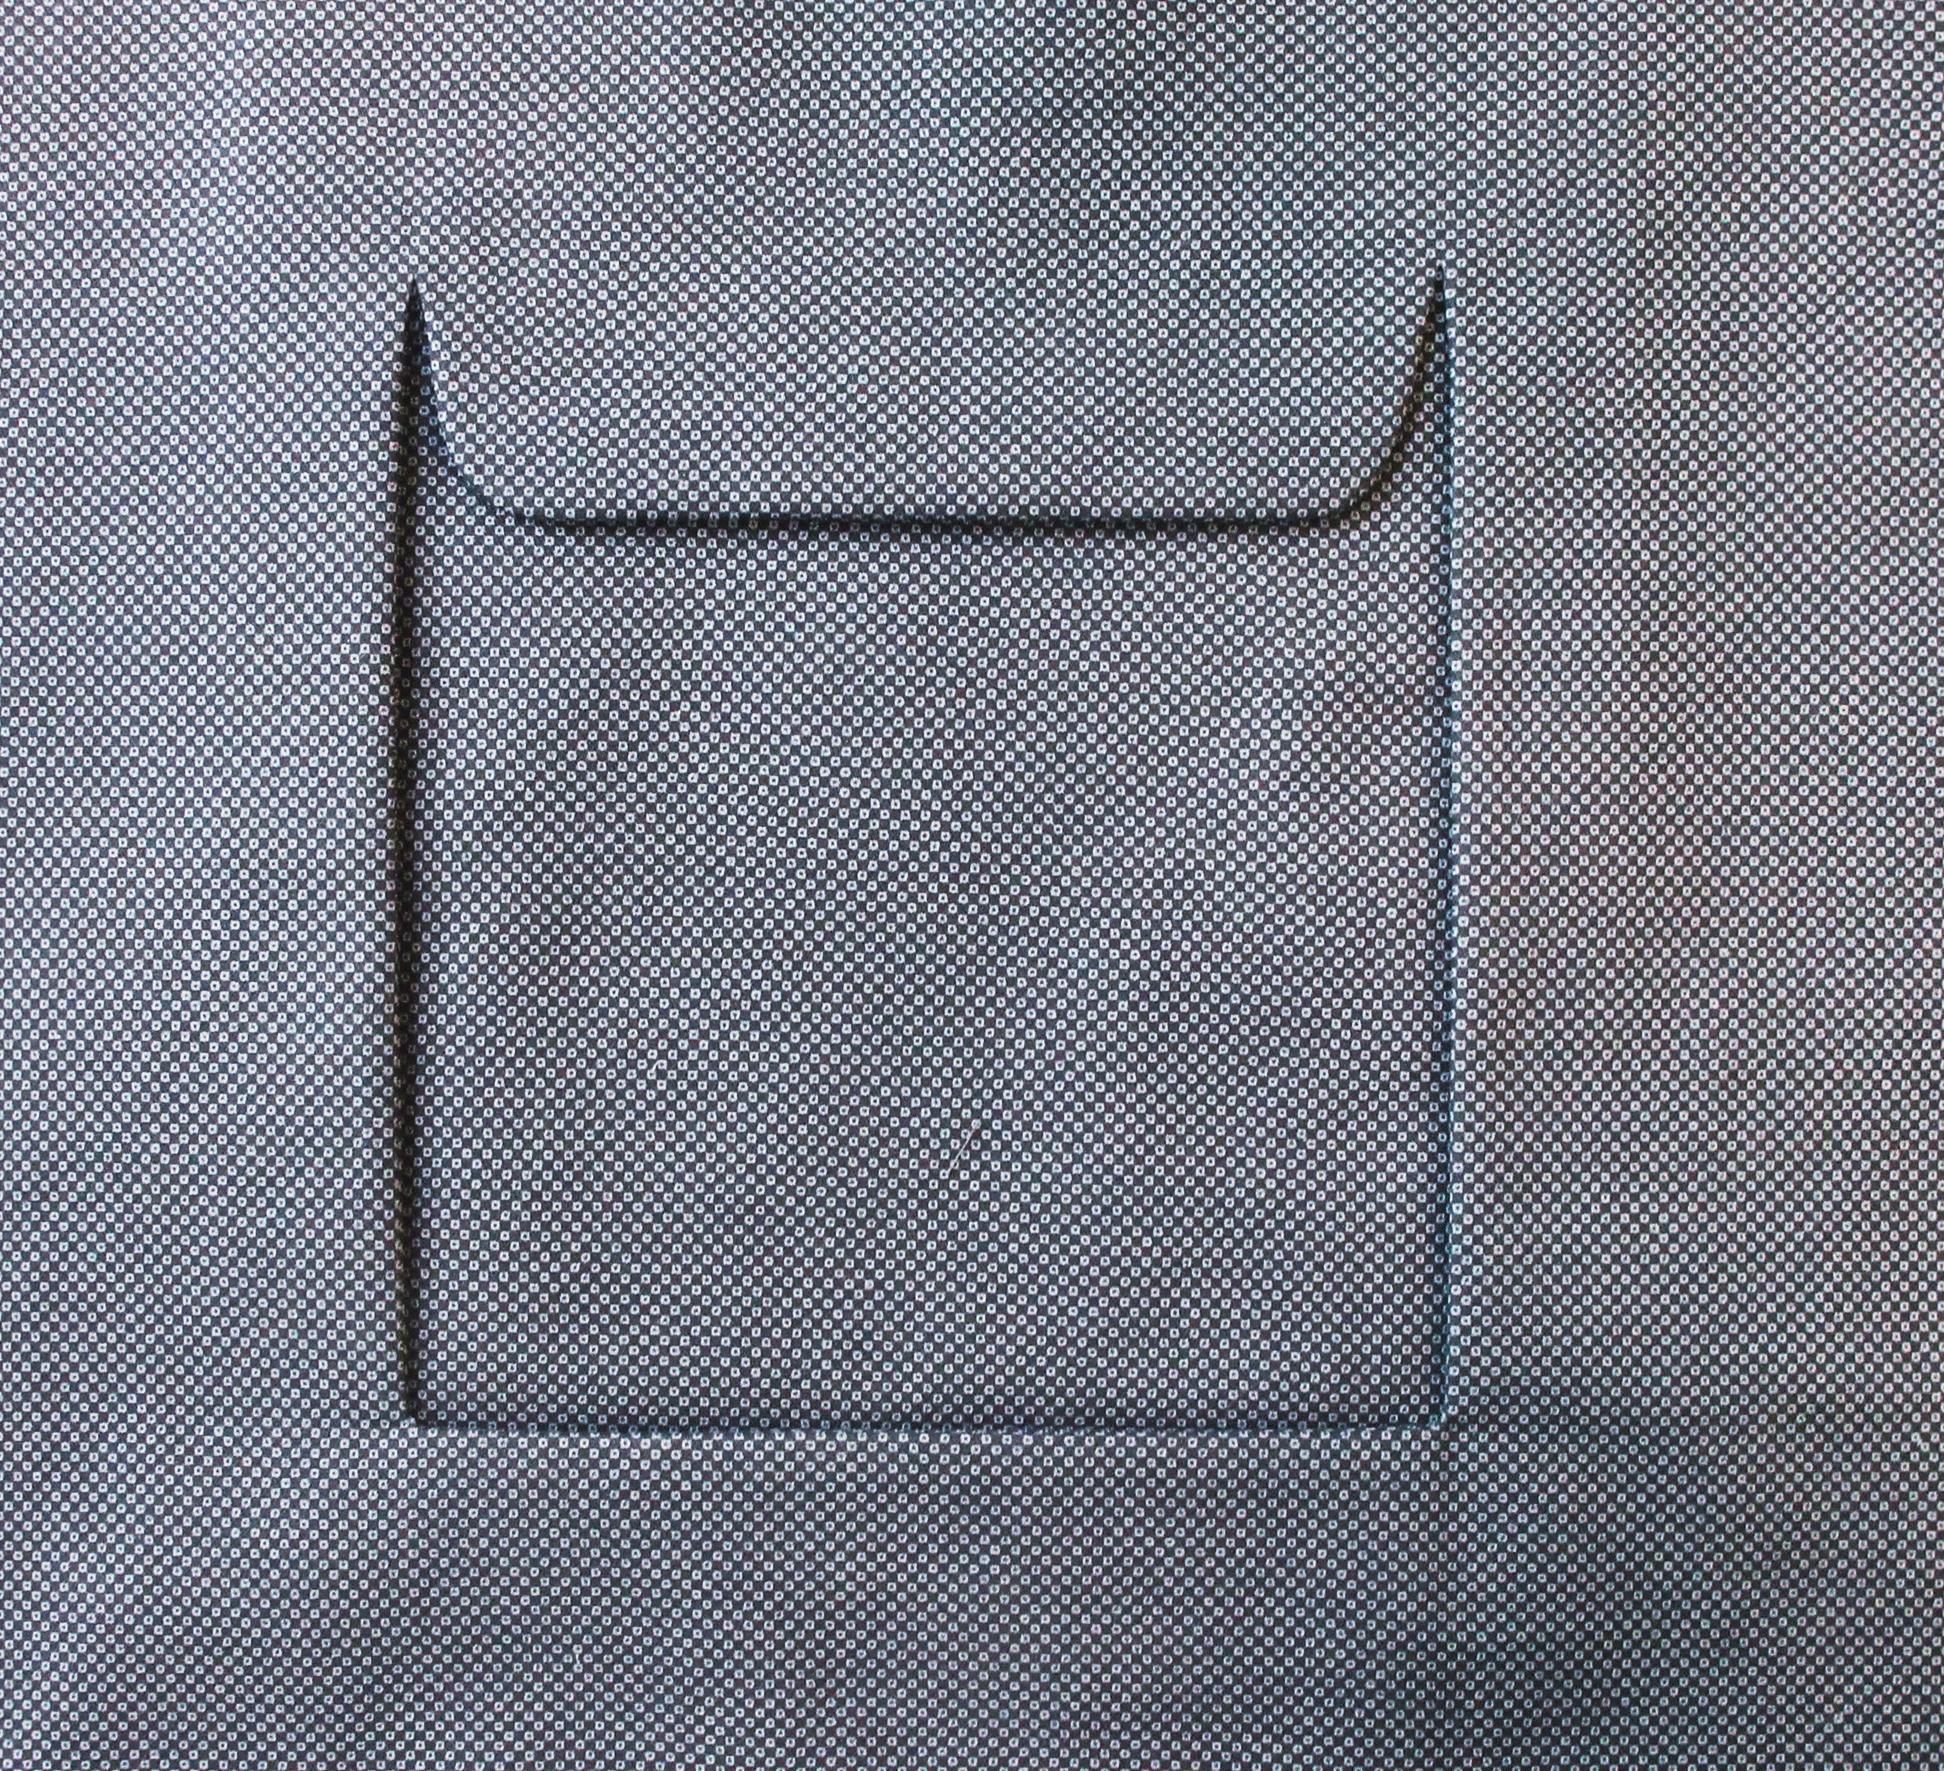 Nähanleitung für rechteckig hinterlegte Eingriffstasche